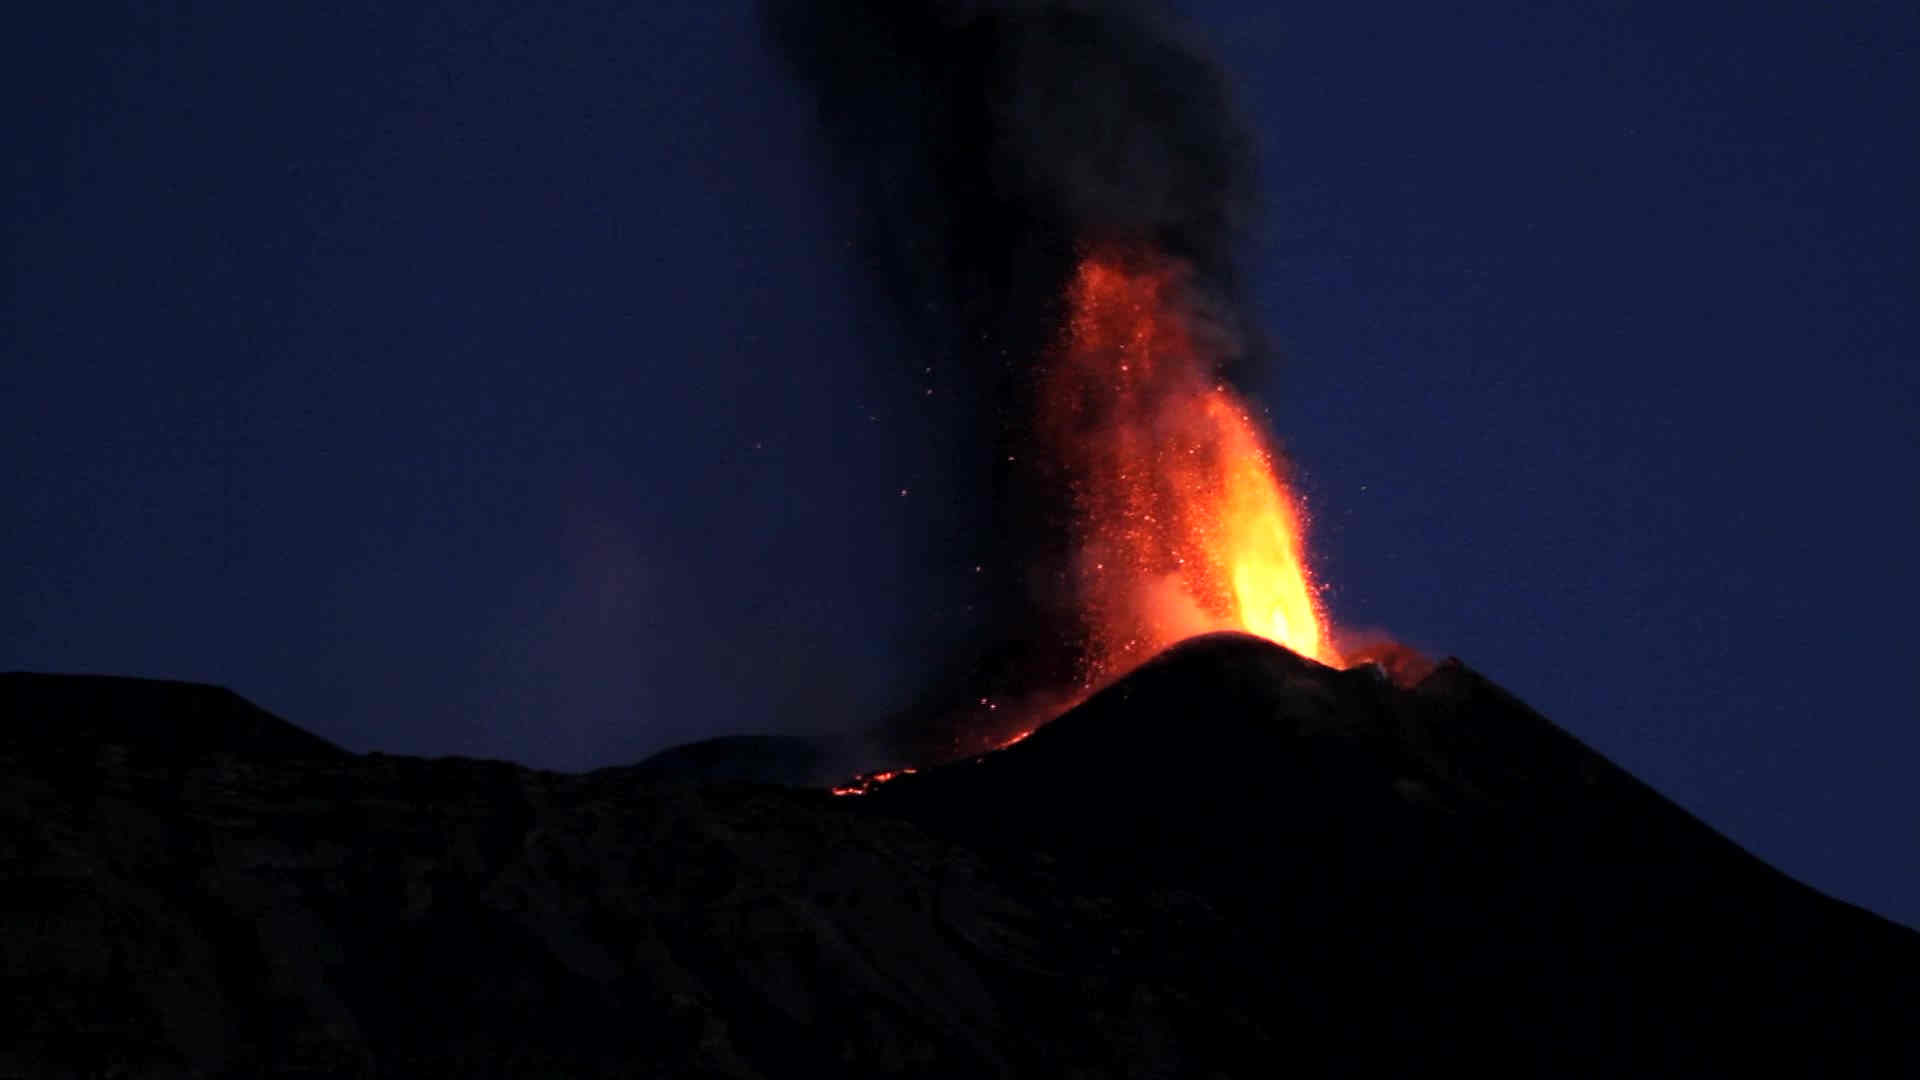 vulcano etna.mp4